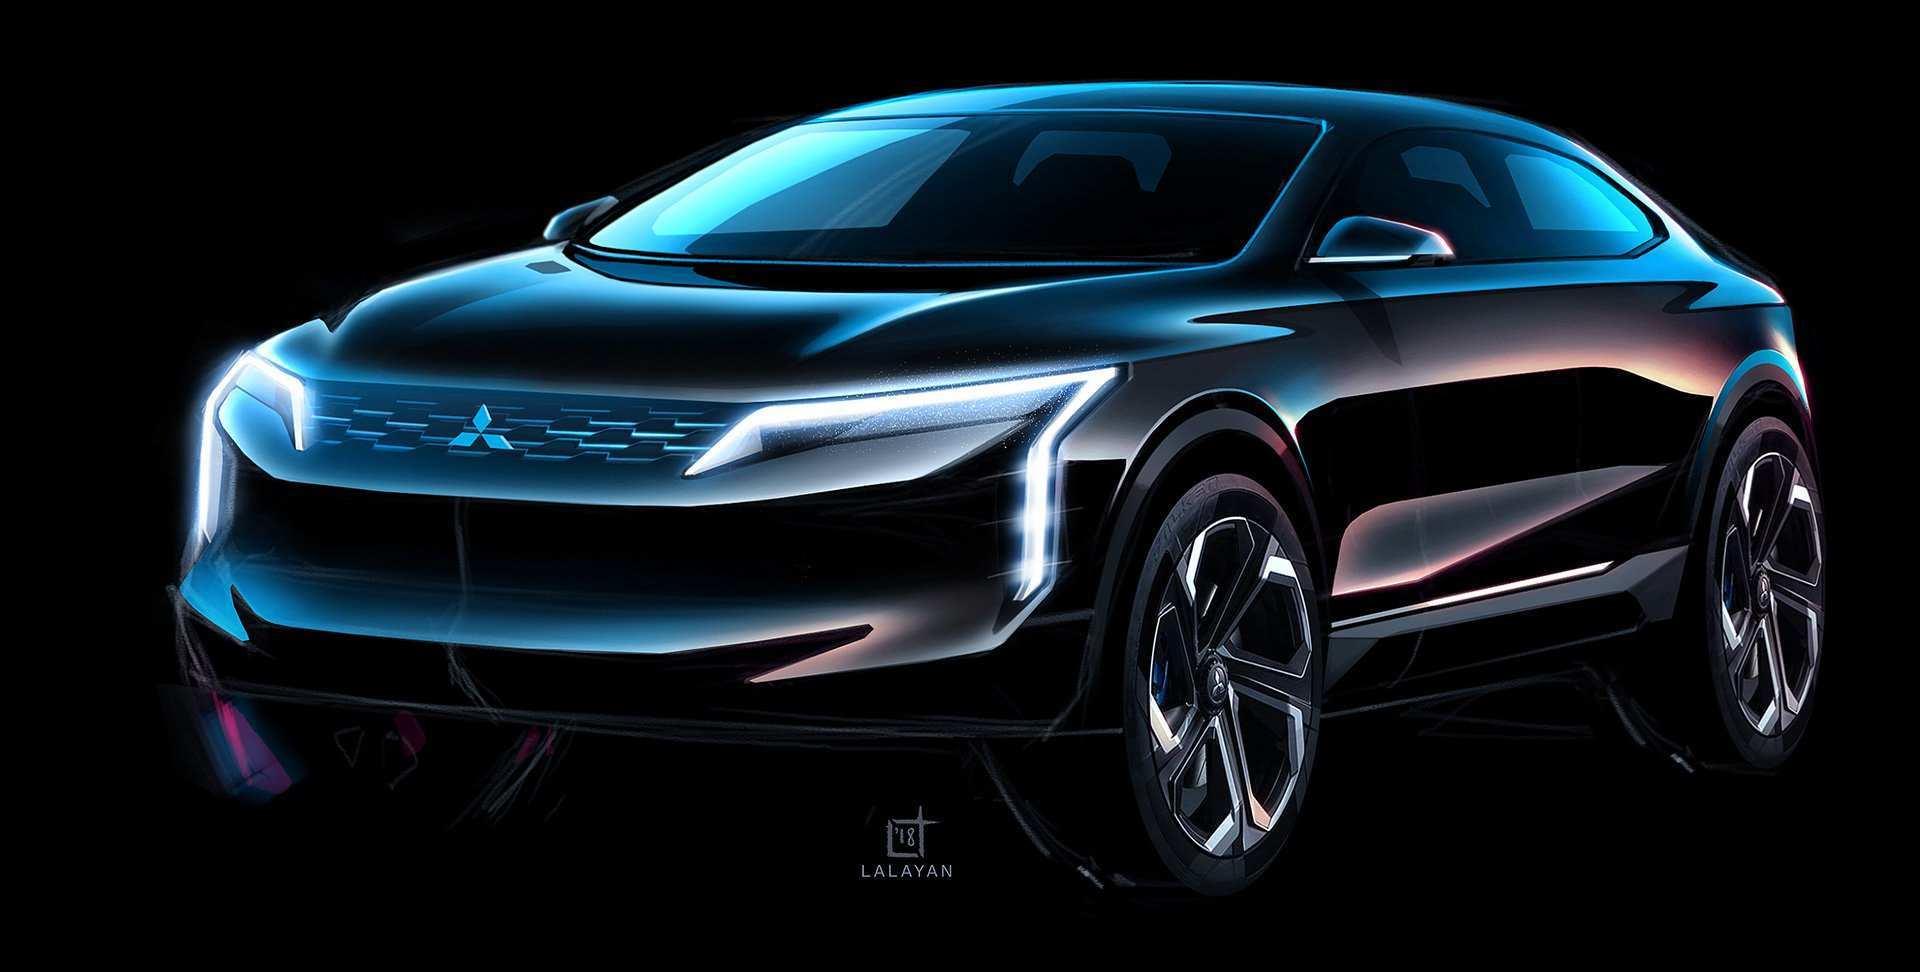 54 All New Mitsubishi Motors 2020 Picture with Mitsubishi Motors 2020